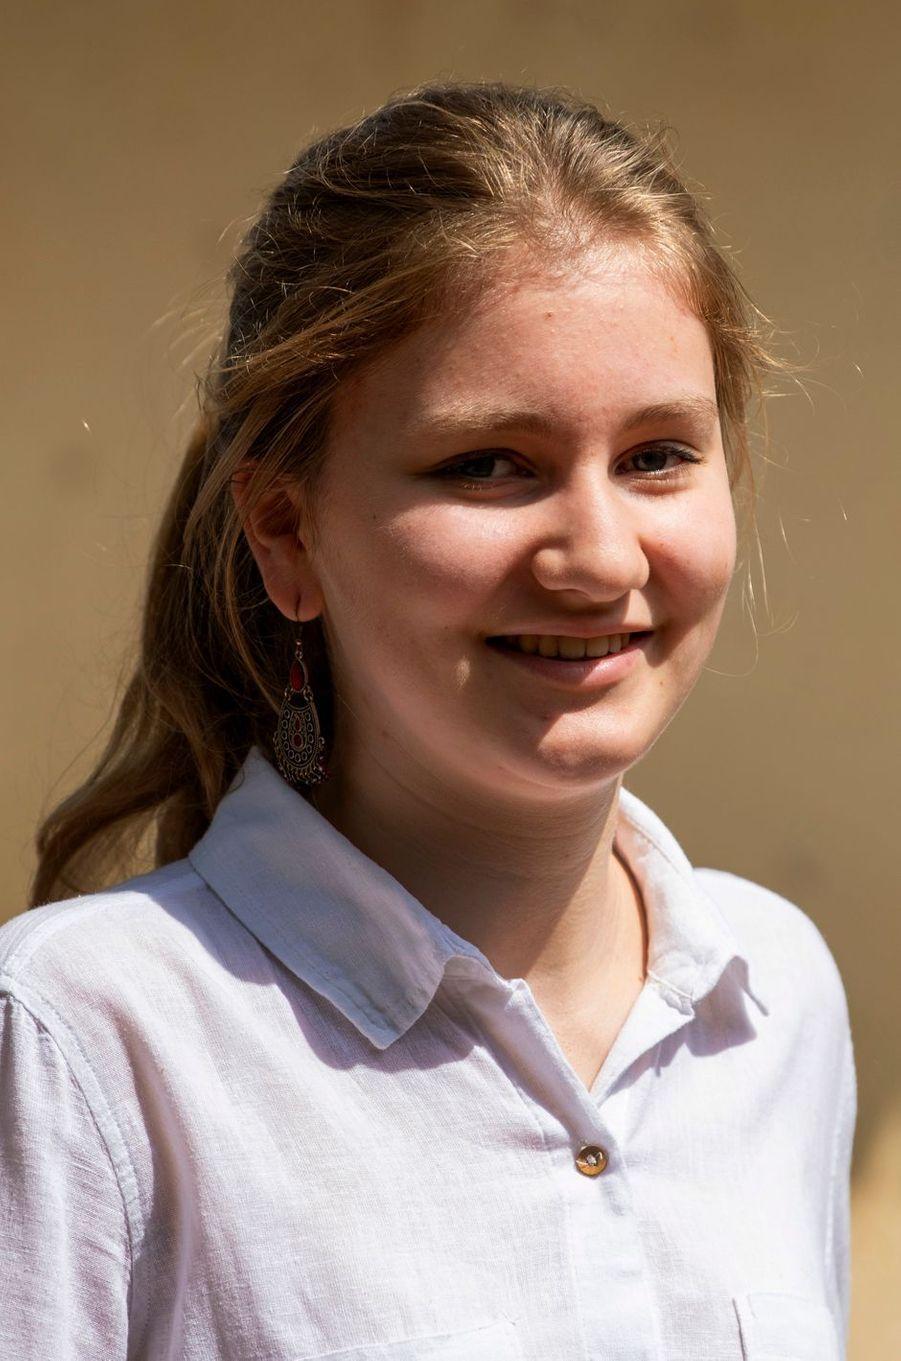 La princesse Elisabeth de Belgique au Kenya, le 25 juin 2019